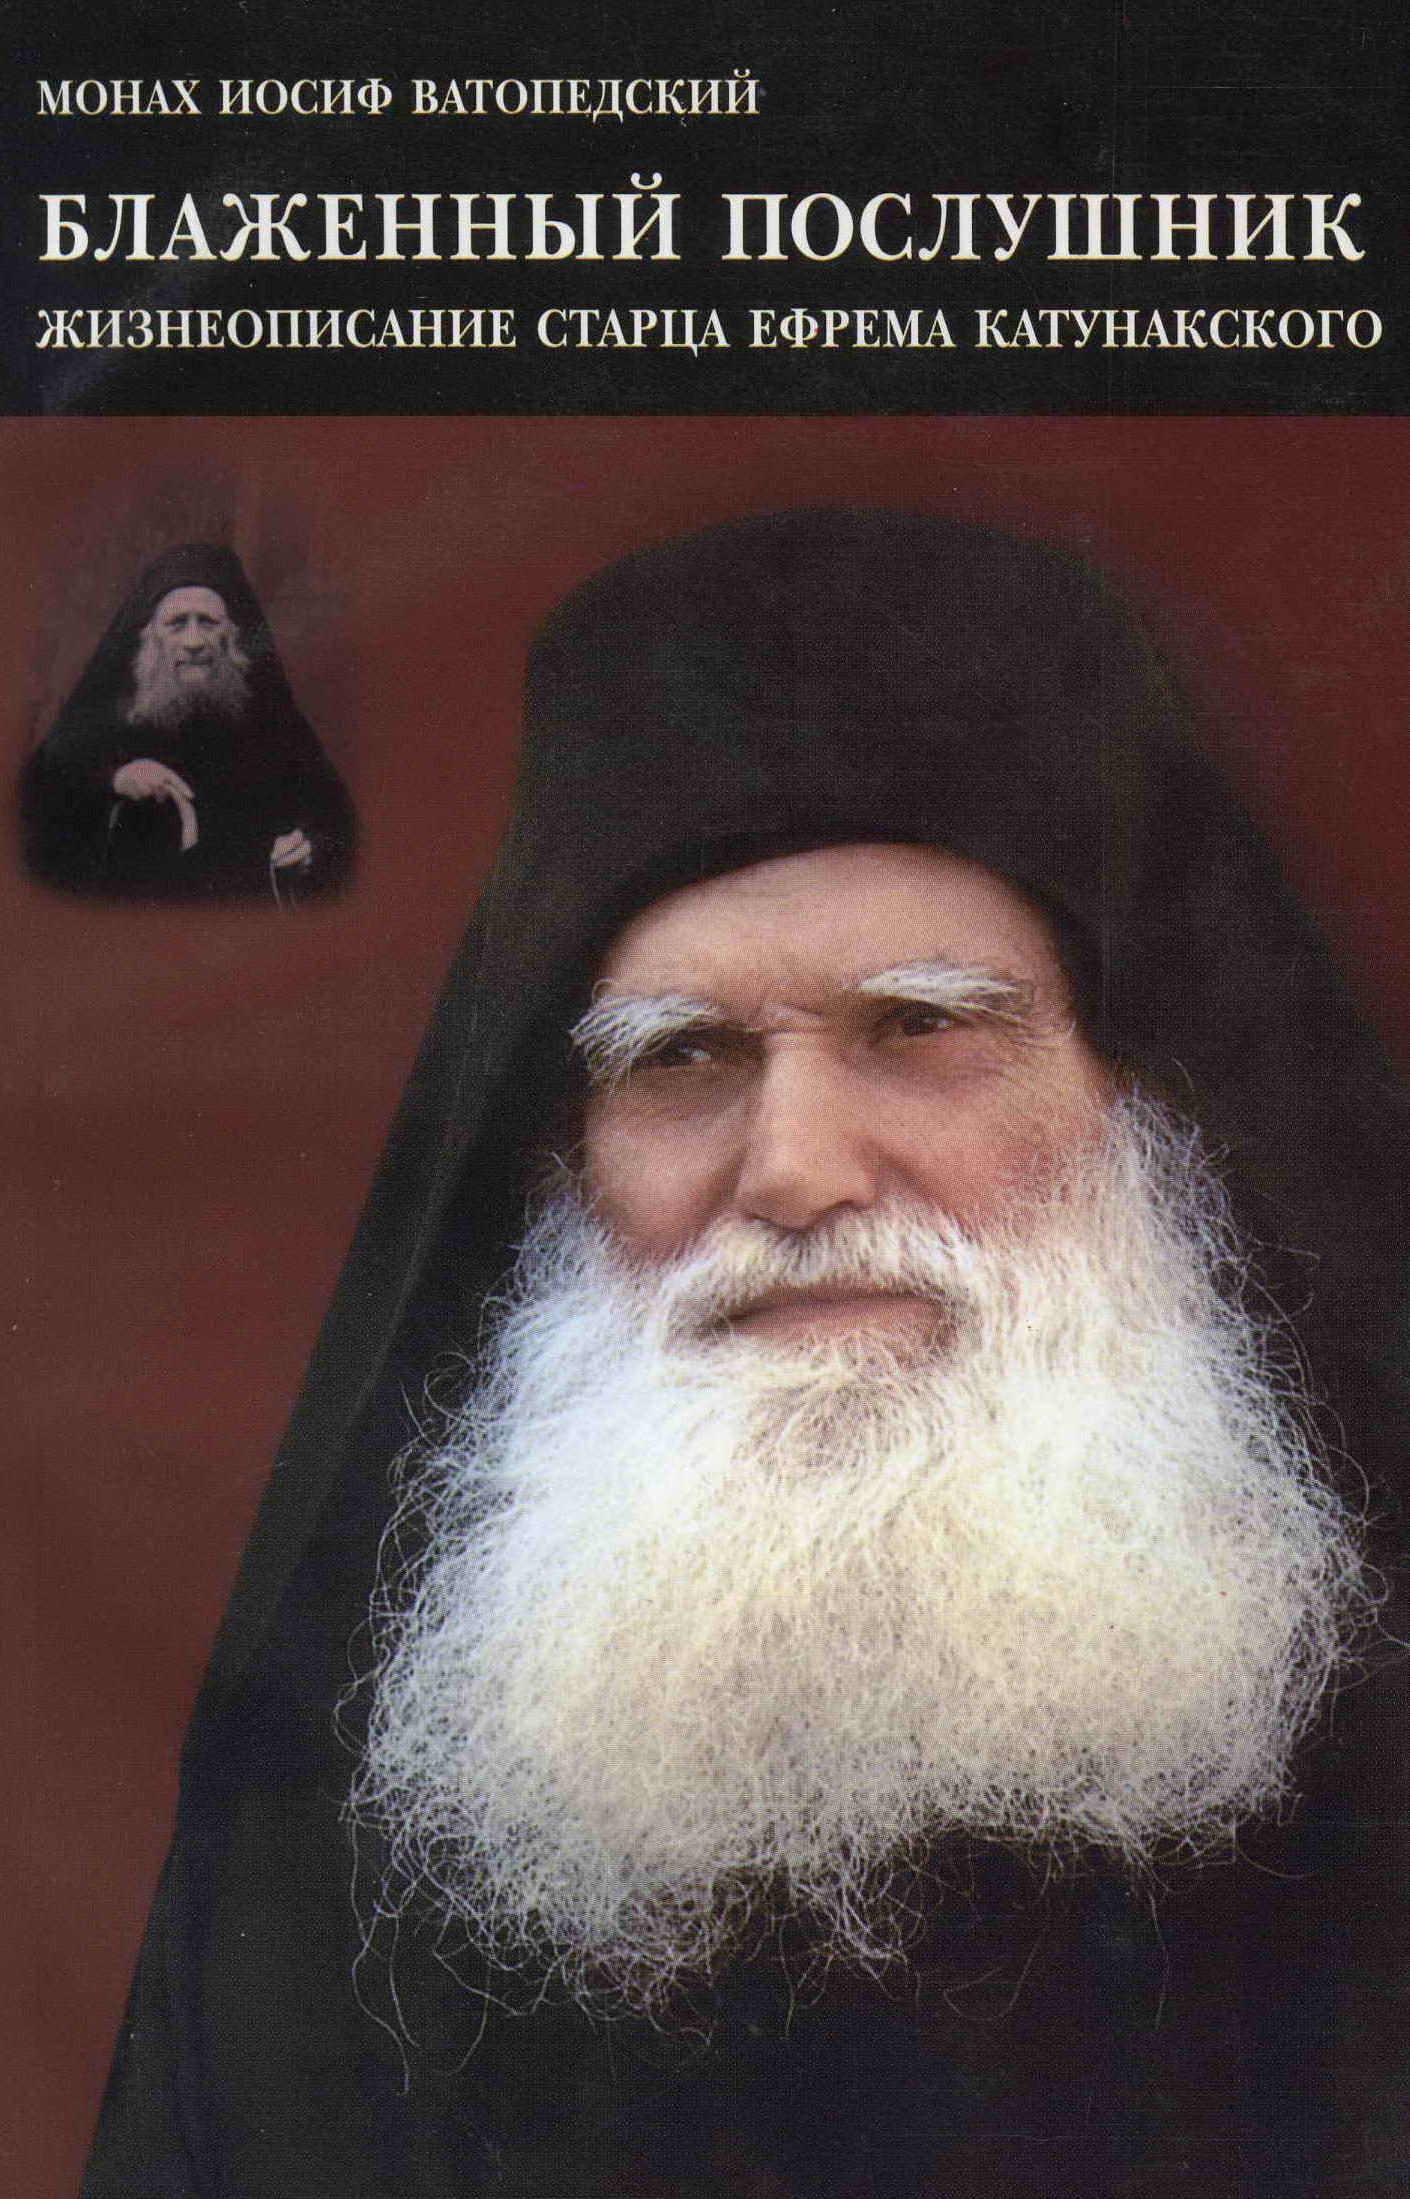 старец Иосиф Ватопедский Блаженный послушник. Жизнеописание старца Ефрема Катунакского стоимость